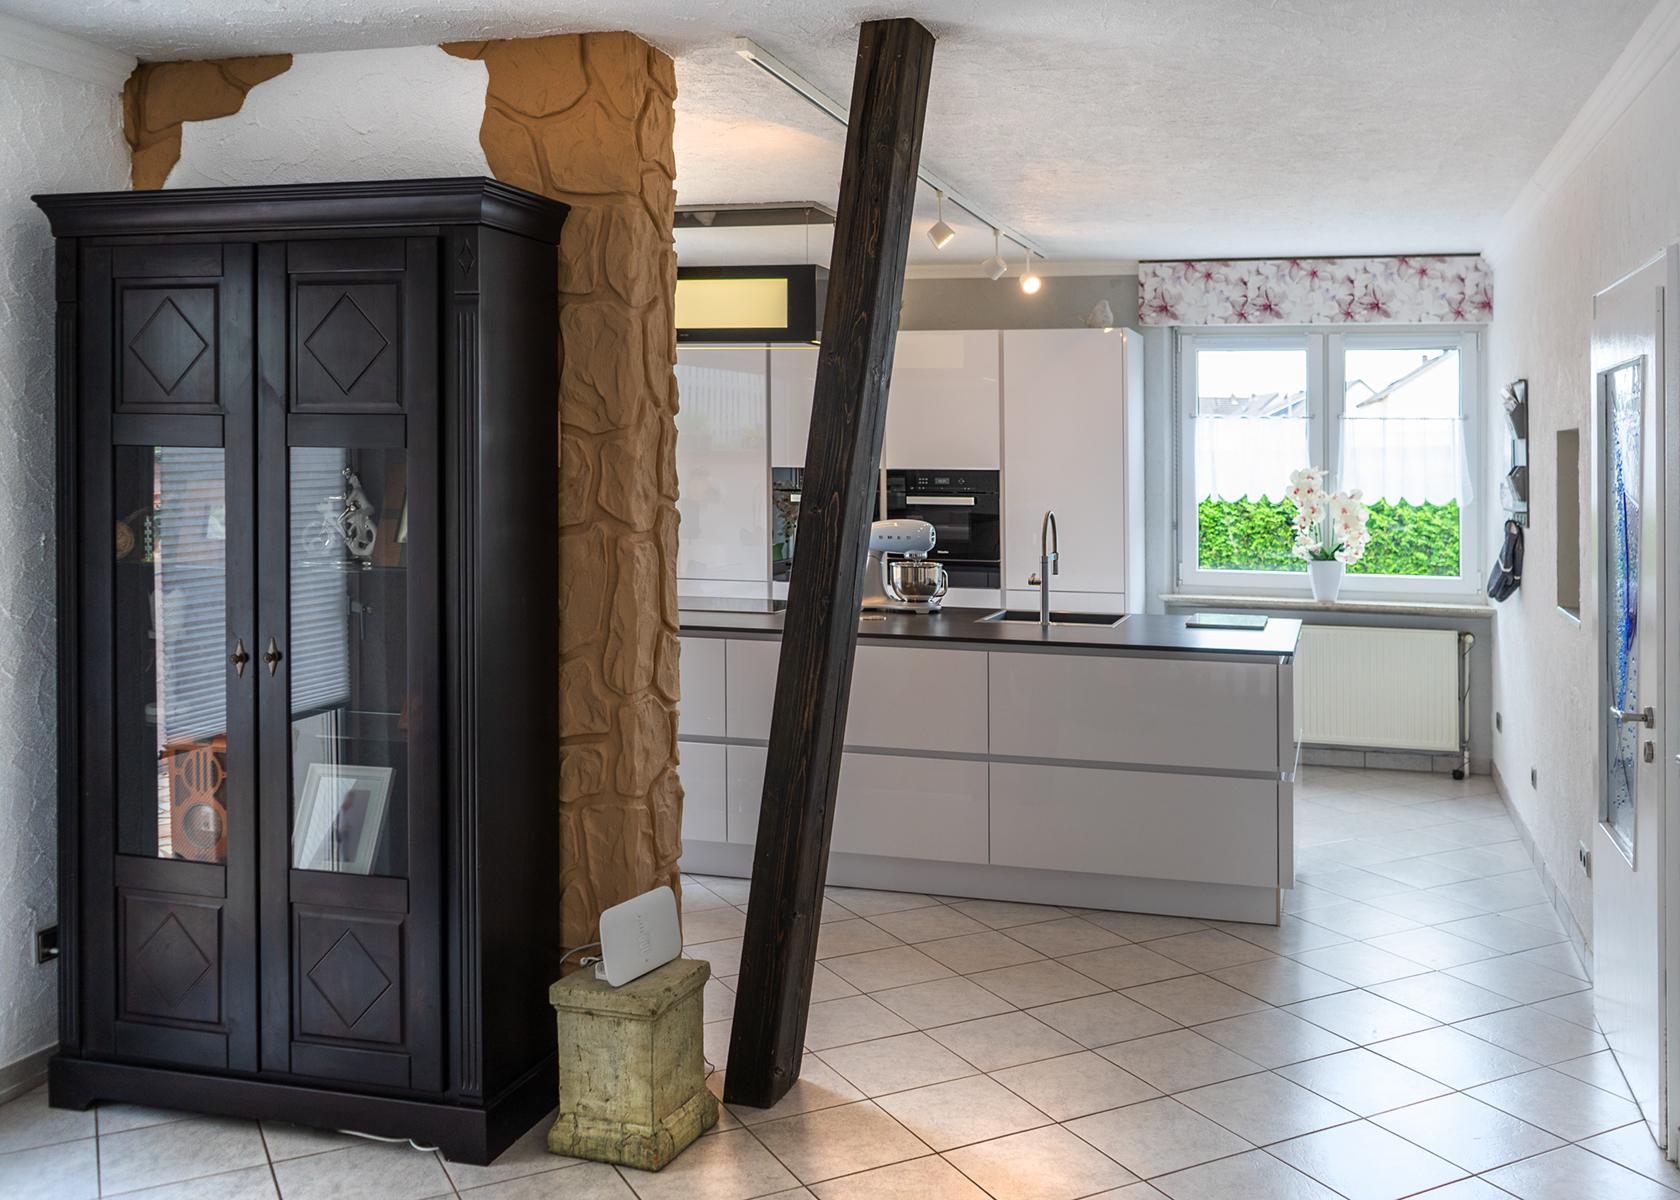 Full Size of Kundenkche Differten Ausstellungskche Mit Kochinsel Und Miele Wohnzimmer Ausstellungsküchen